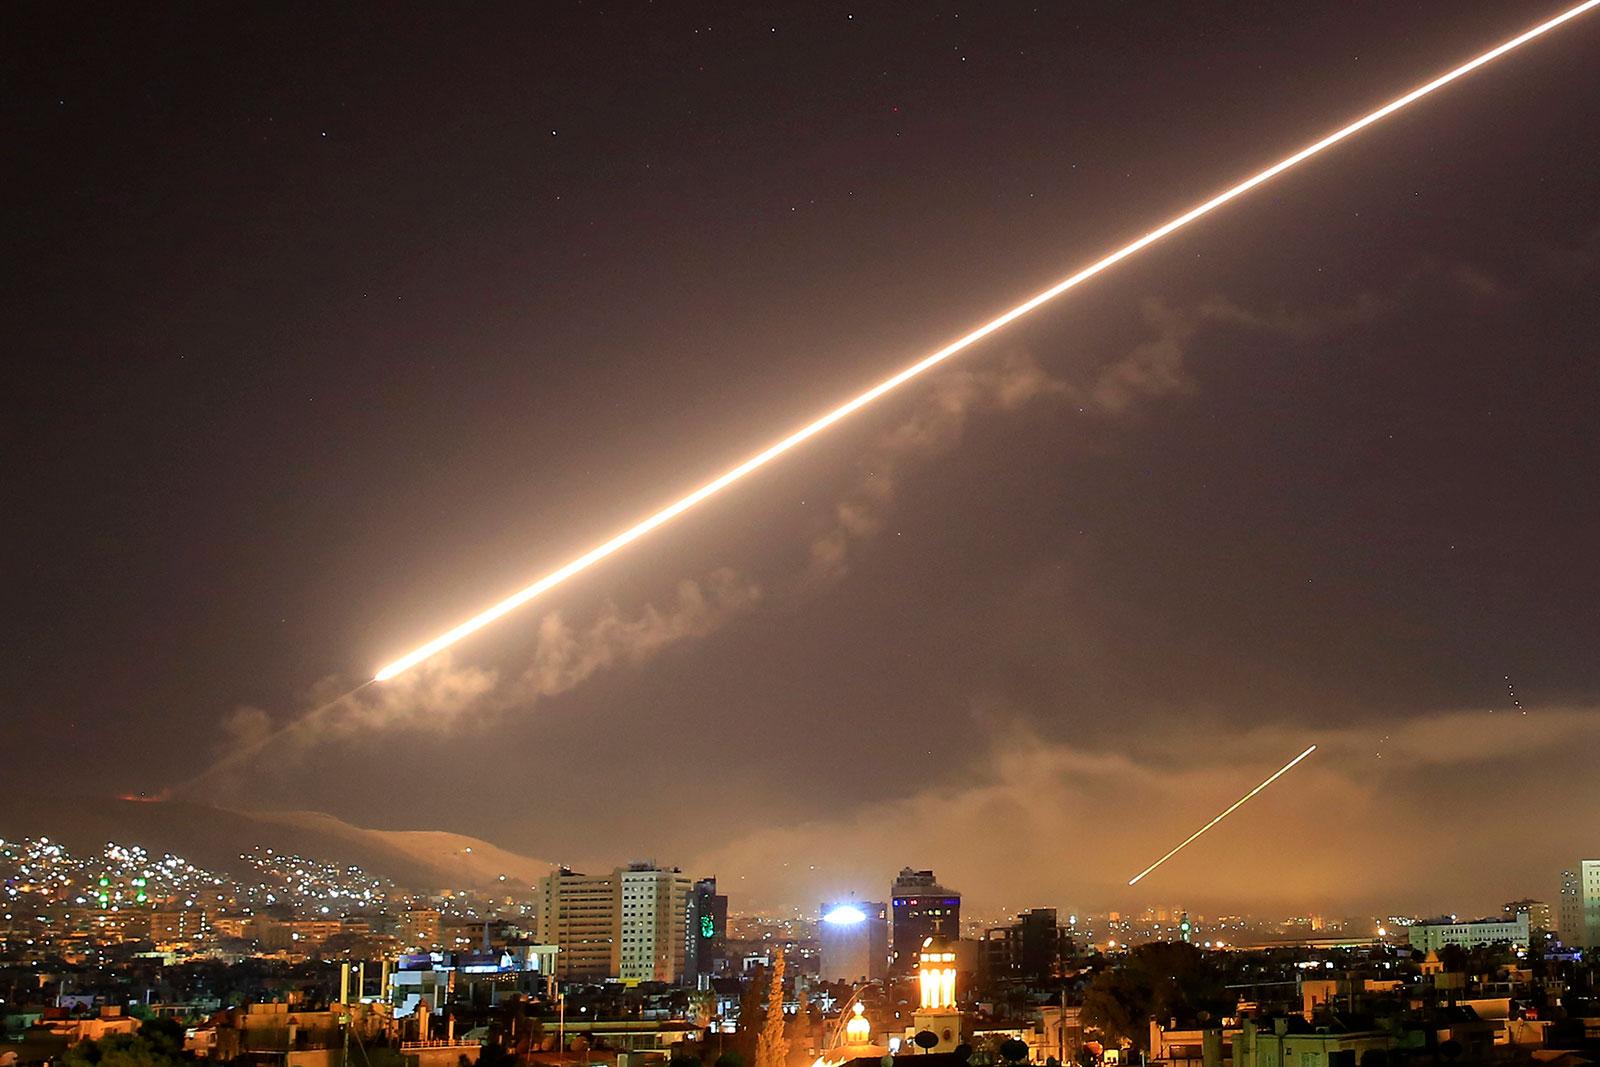 небеса Дамаска вспыхивают зенитным огнем